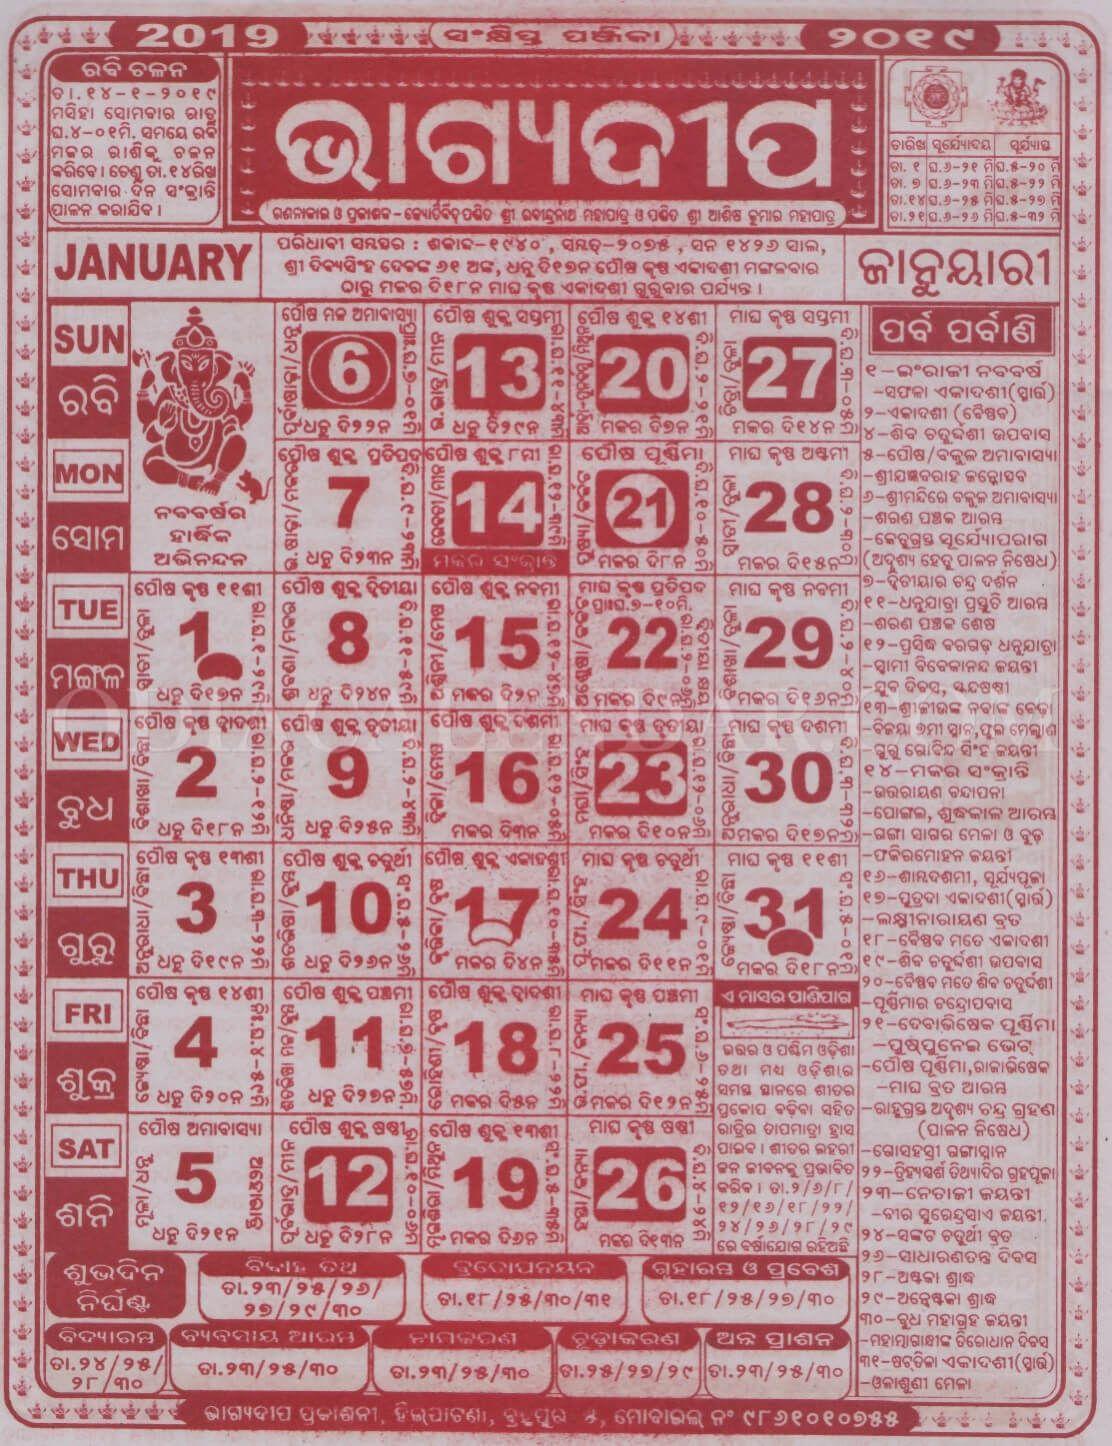 Odia Calendar 2020 March.Bhagyadeep Calendar January 2019 Cleader 2019 Calendar January